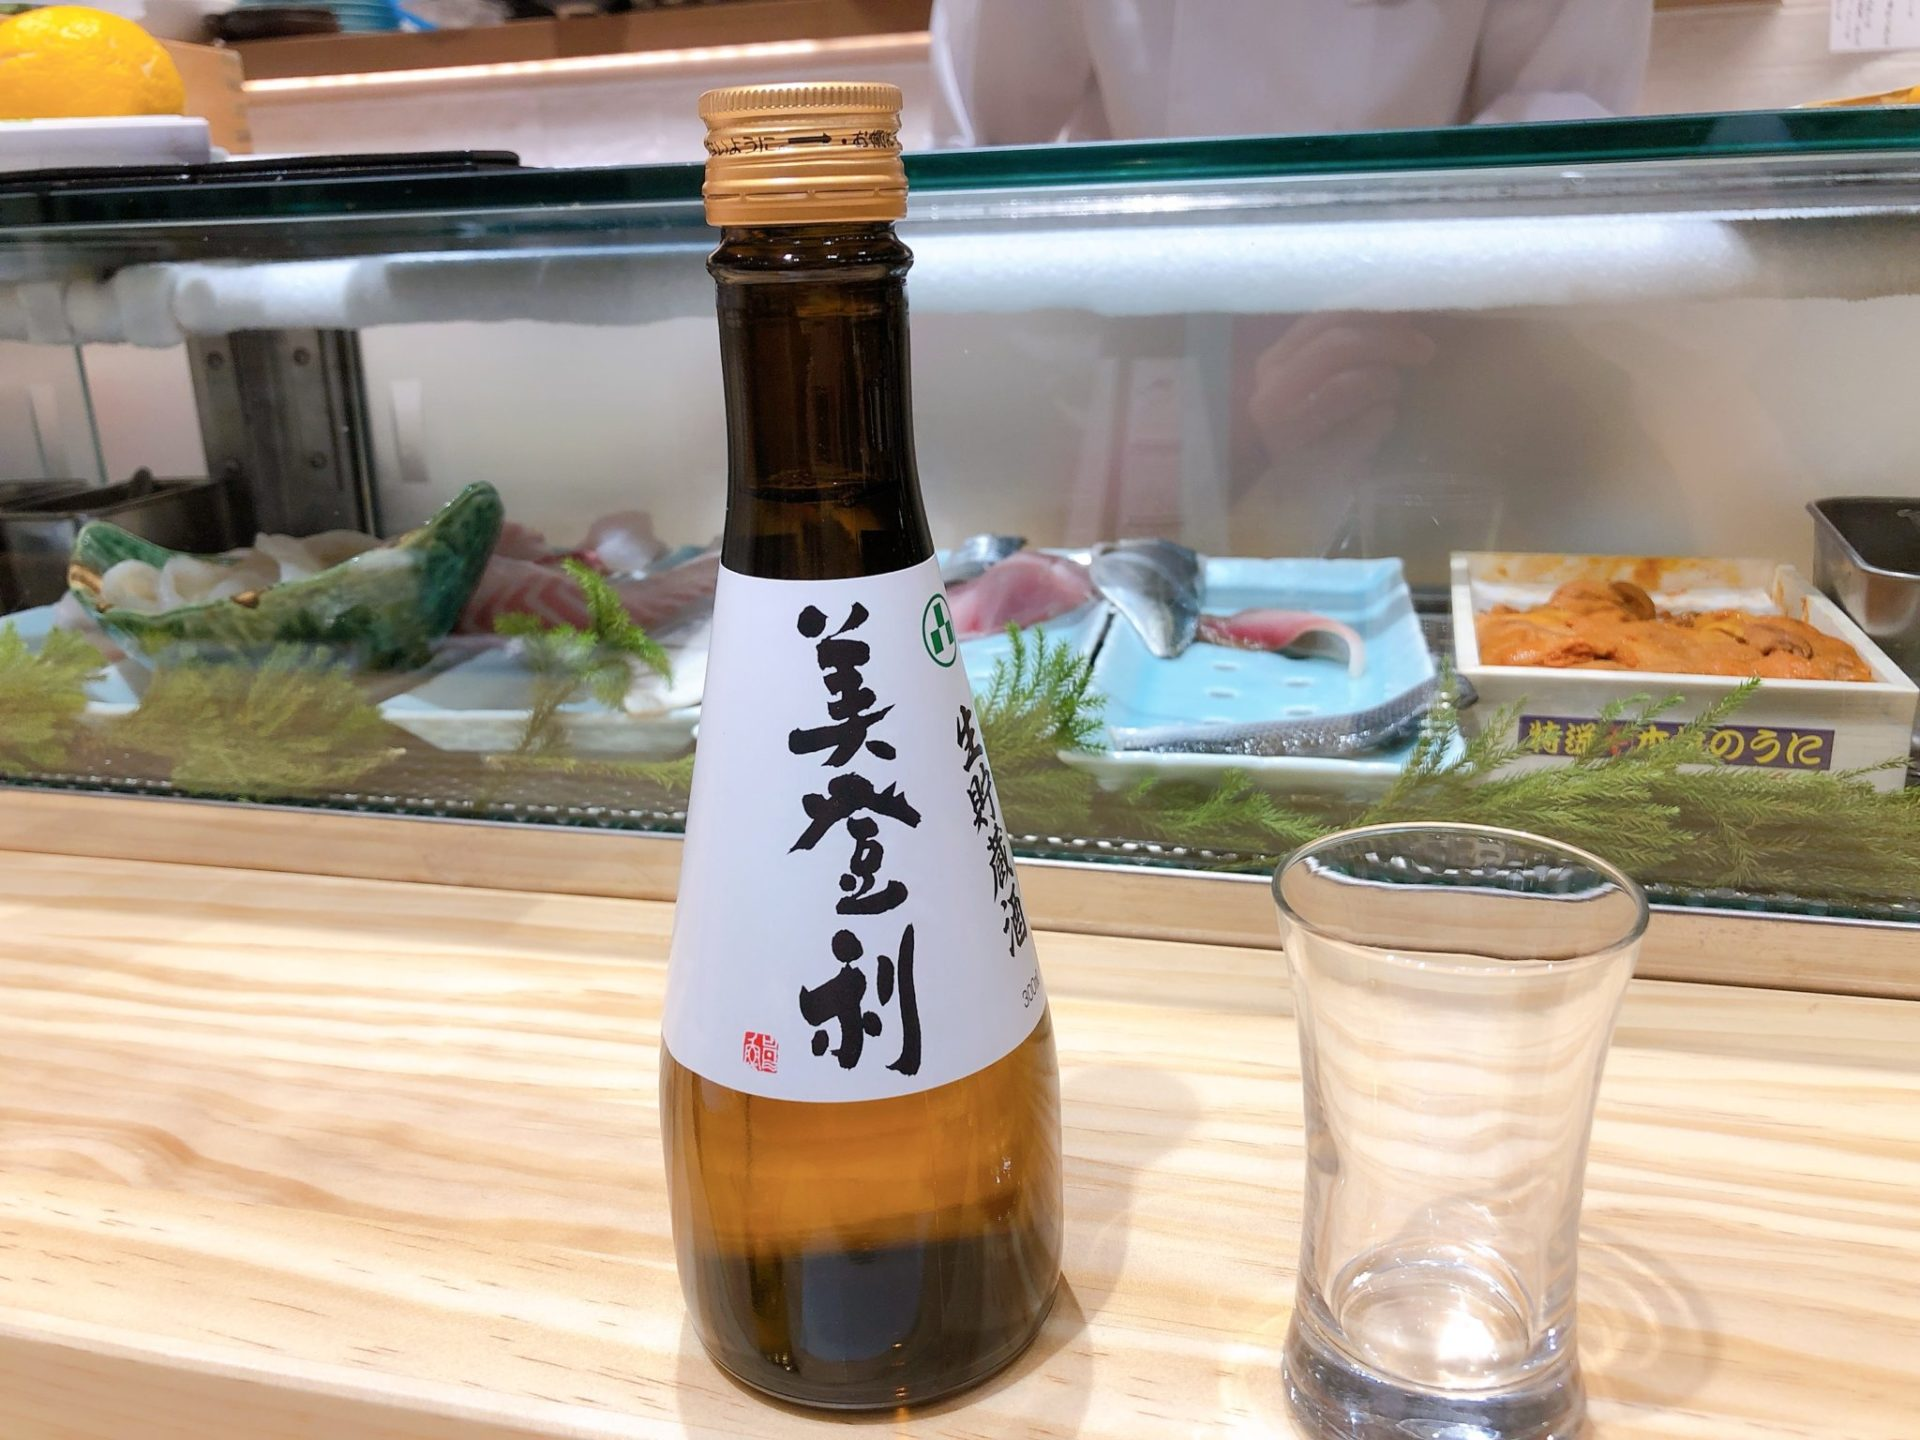 梅ヶ丘の美登利寿司の日本酒